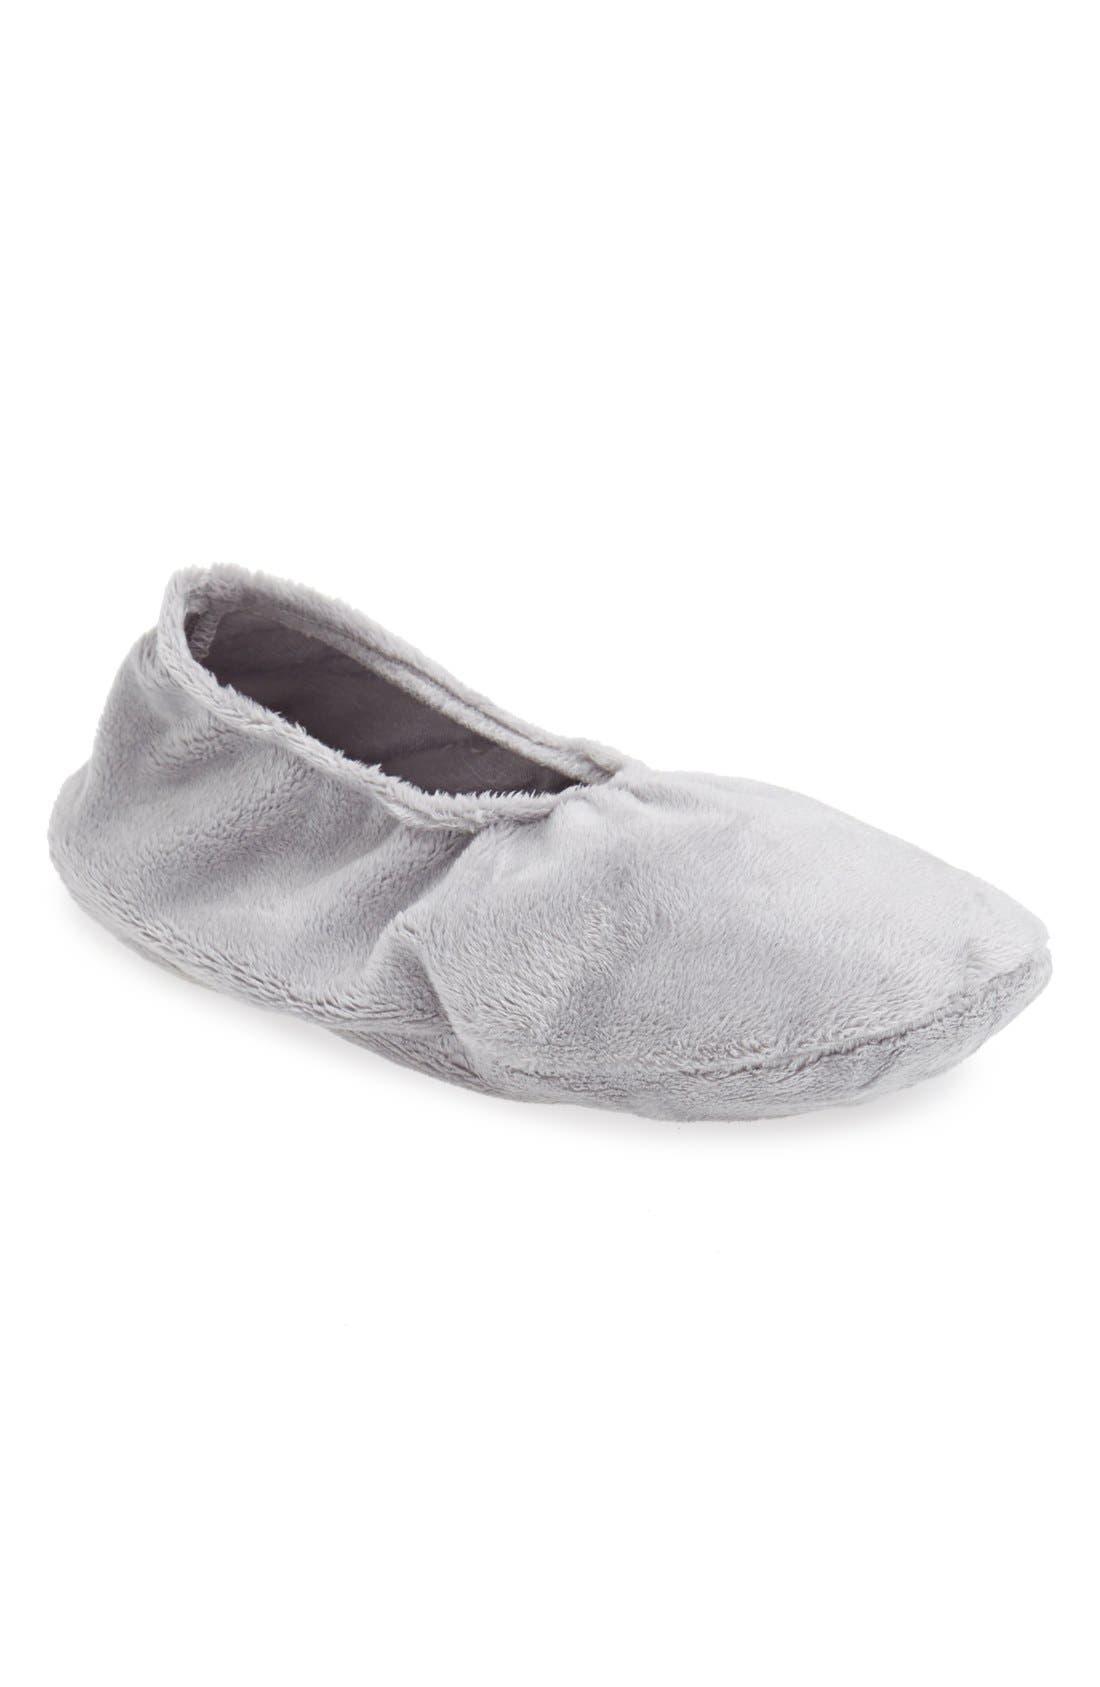 SONOMA LAVENDER Solid Silver Footies, Main, color, NO COLOR